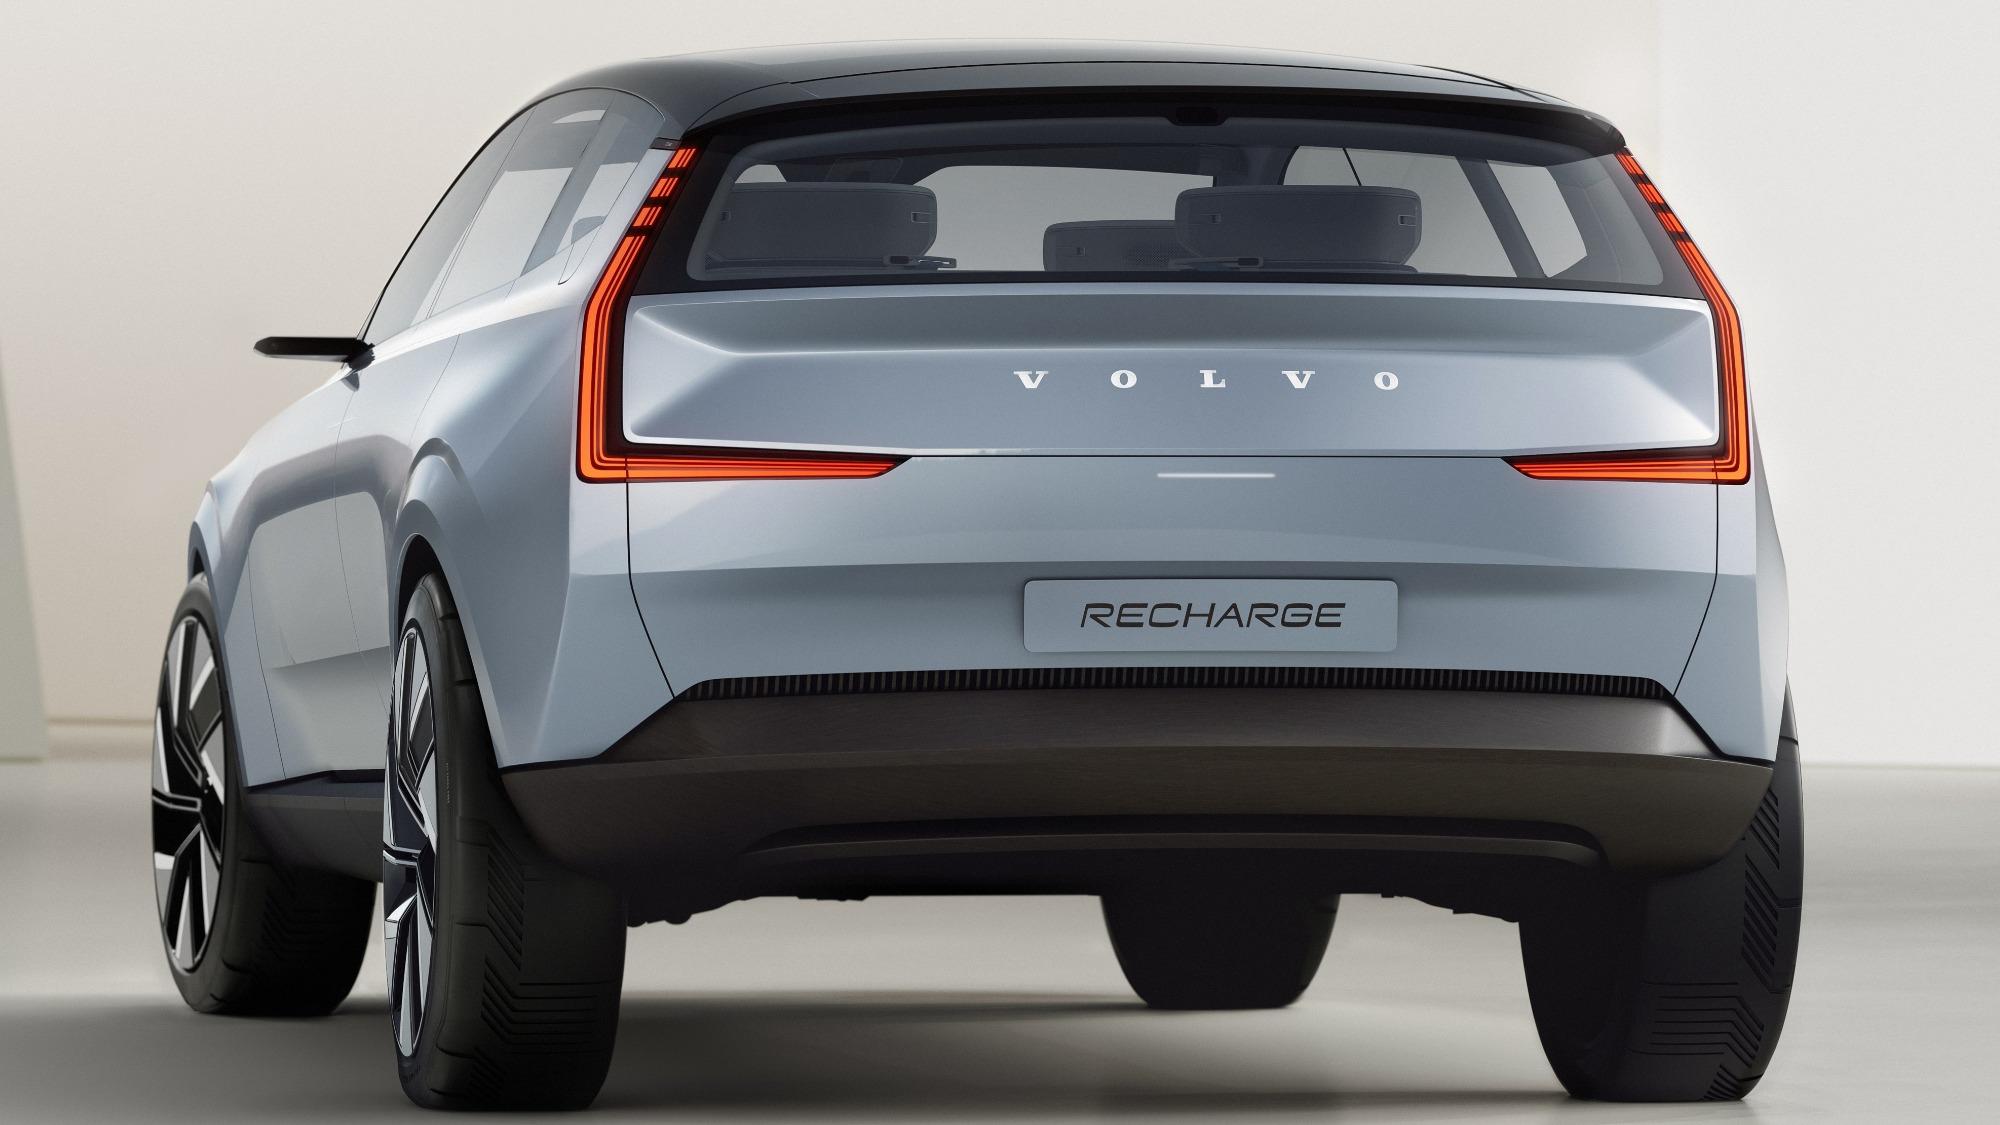 Conceito do Volvo Recharge azul claro visto de trás